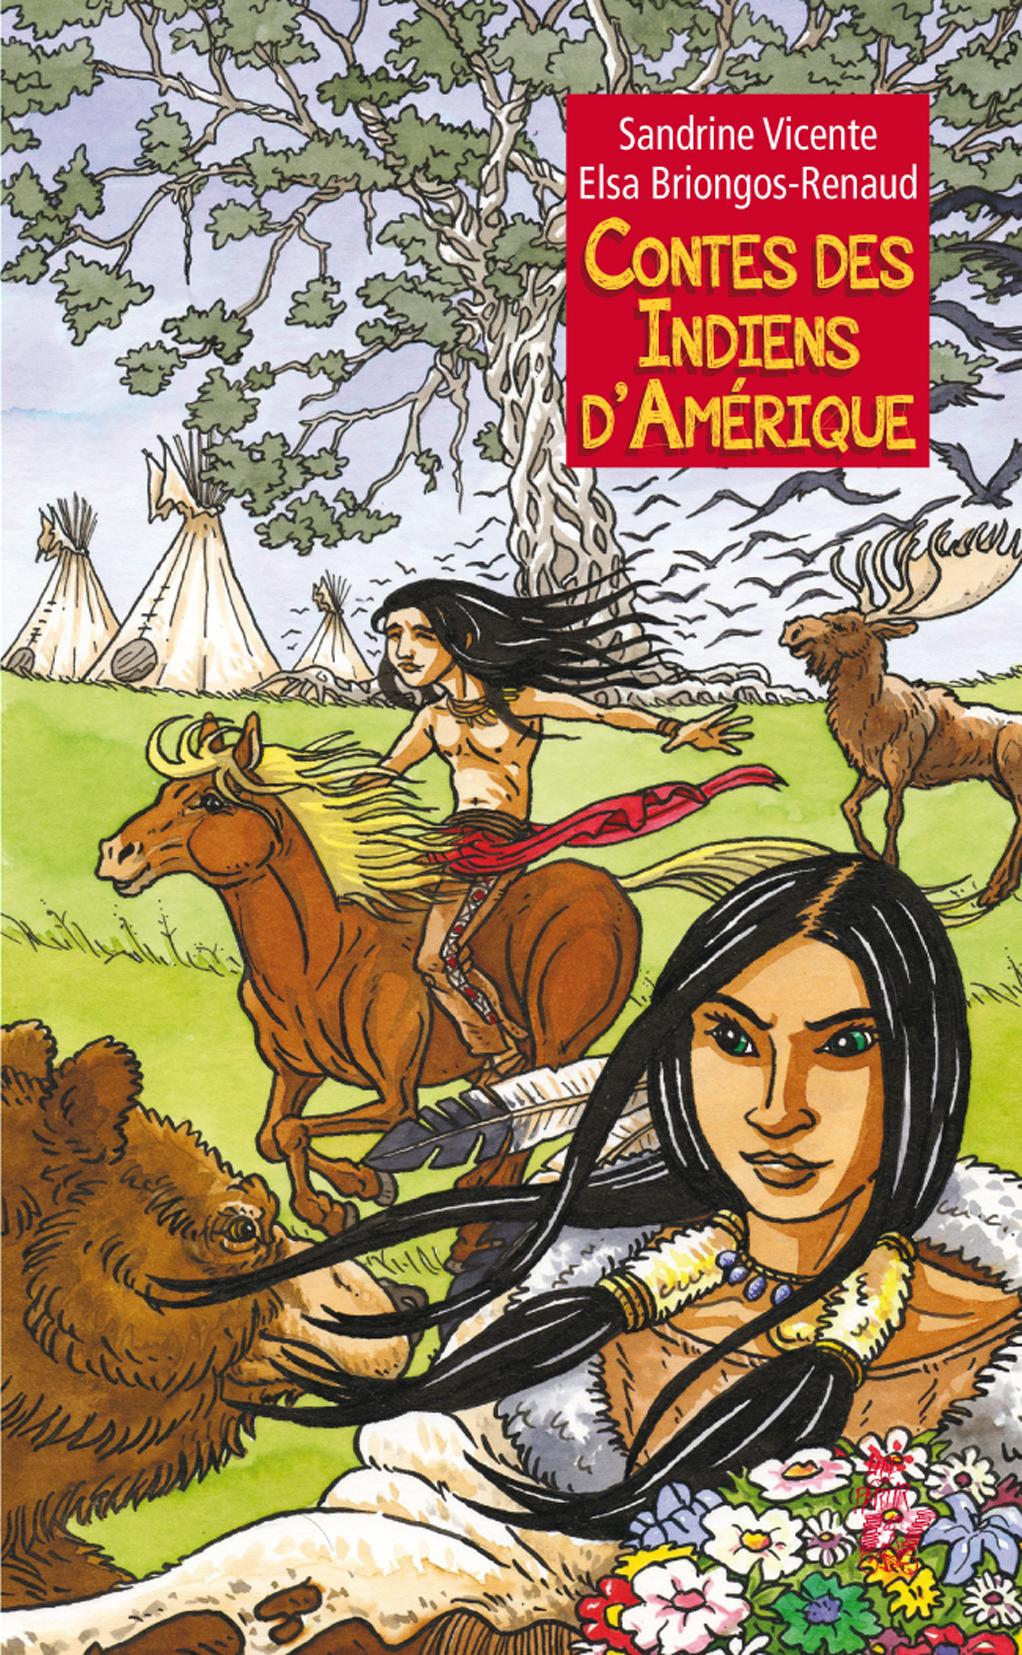 """Résultat de recherche d'images pour """"contes des indiens d'amérique"""""""